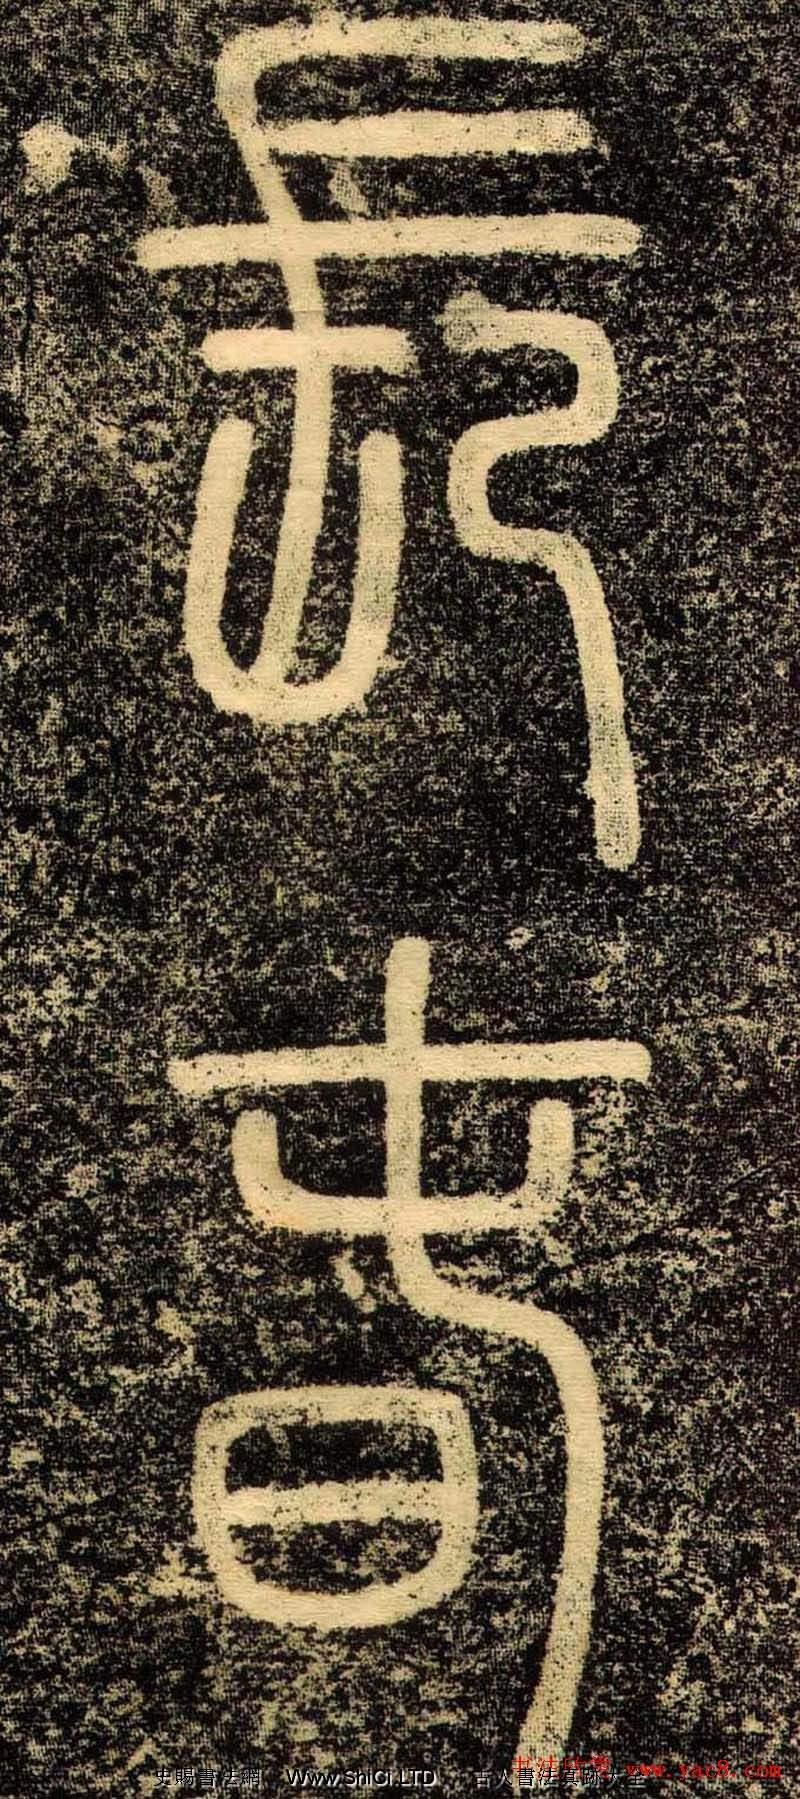 趙孟頫行書真跡欣賞《長春道院記》(共43張圖片)